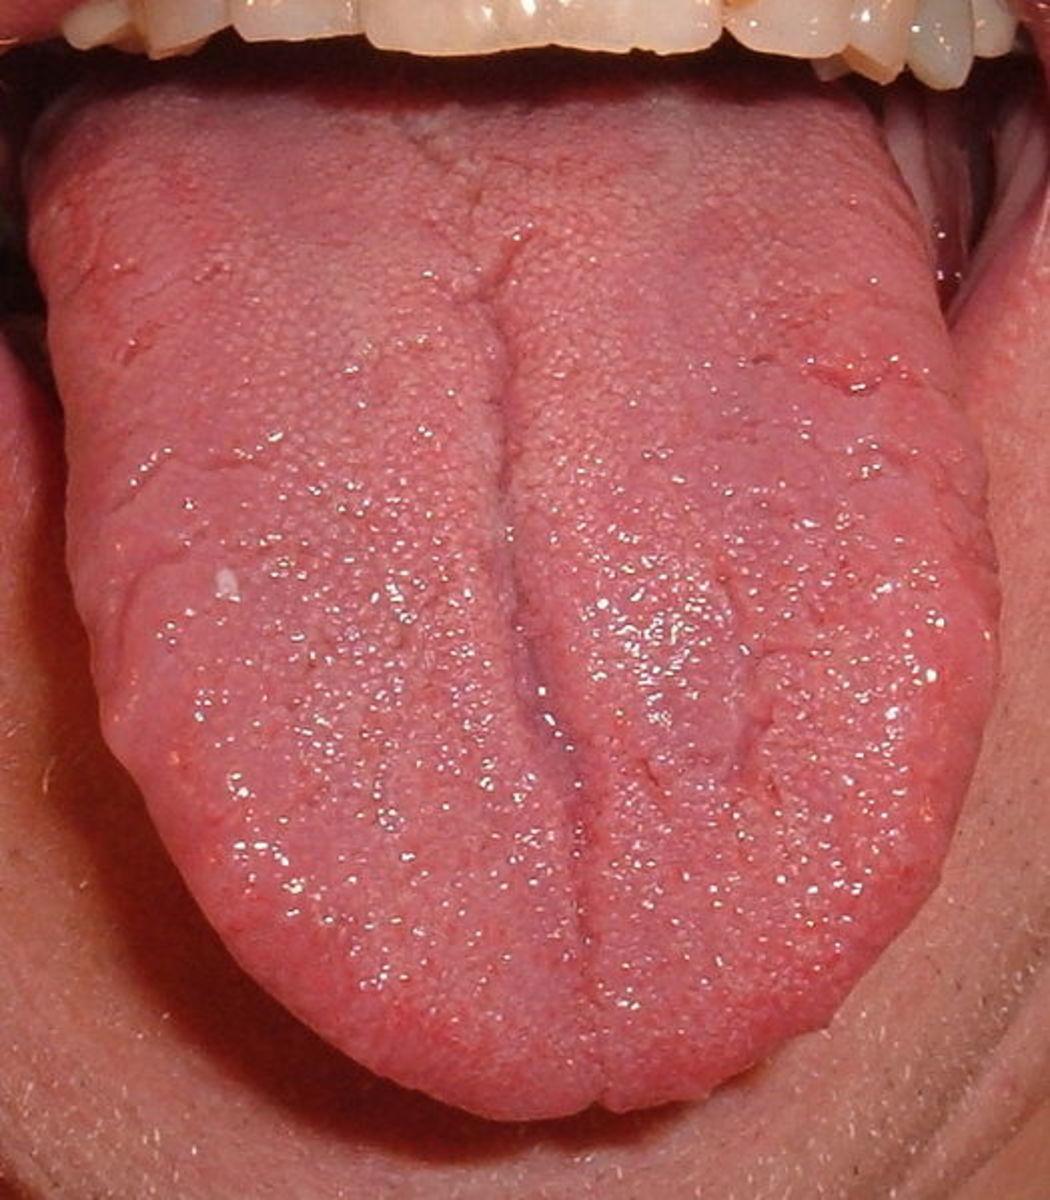 An image of a healthy human tongue.